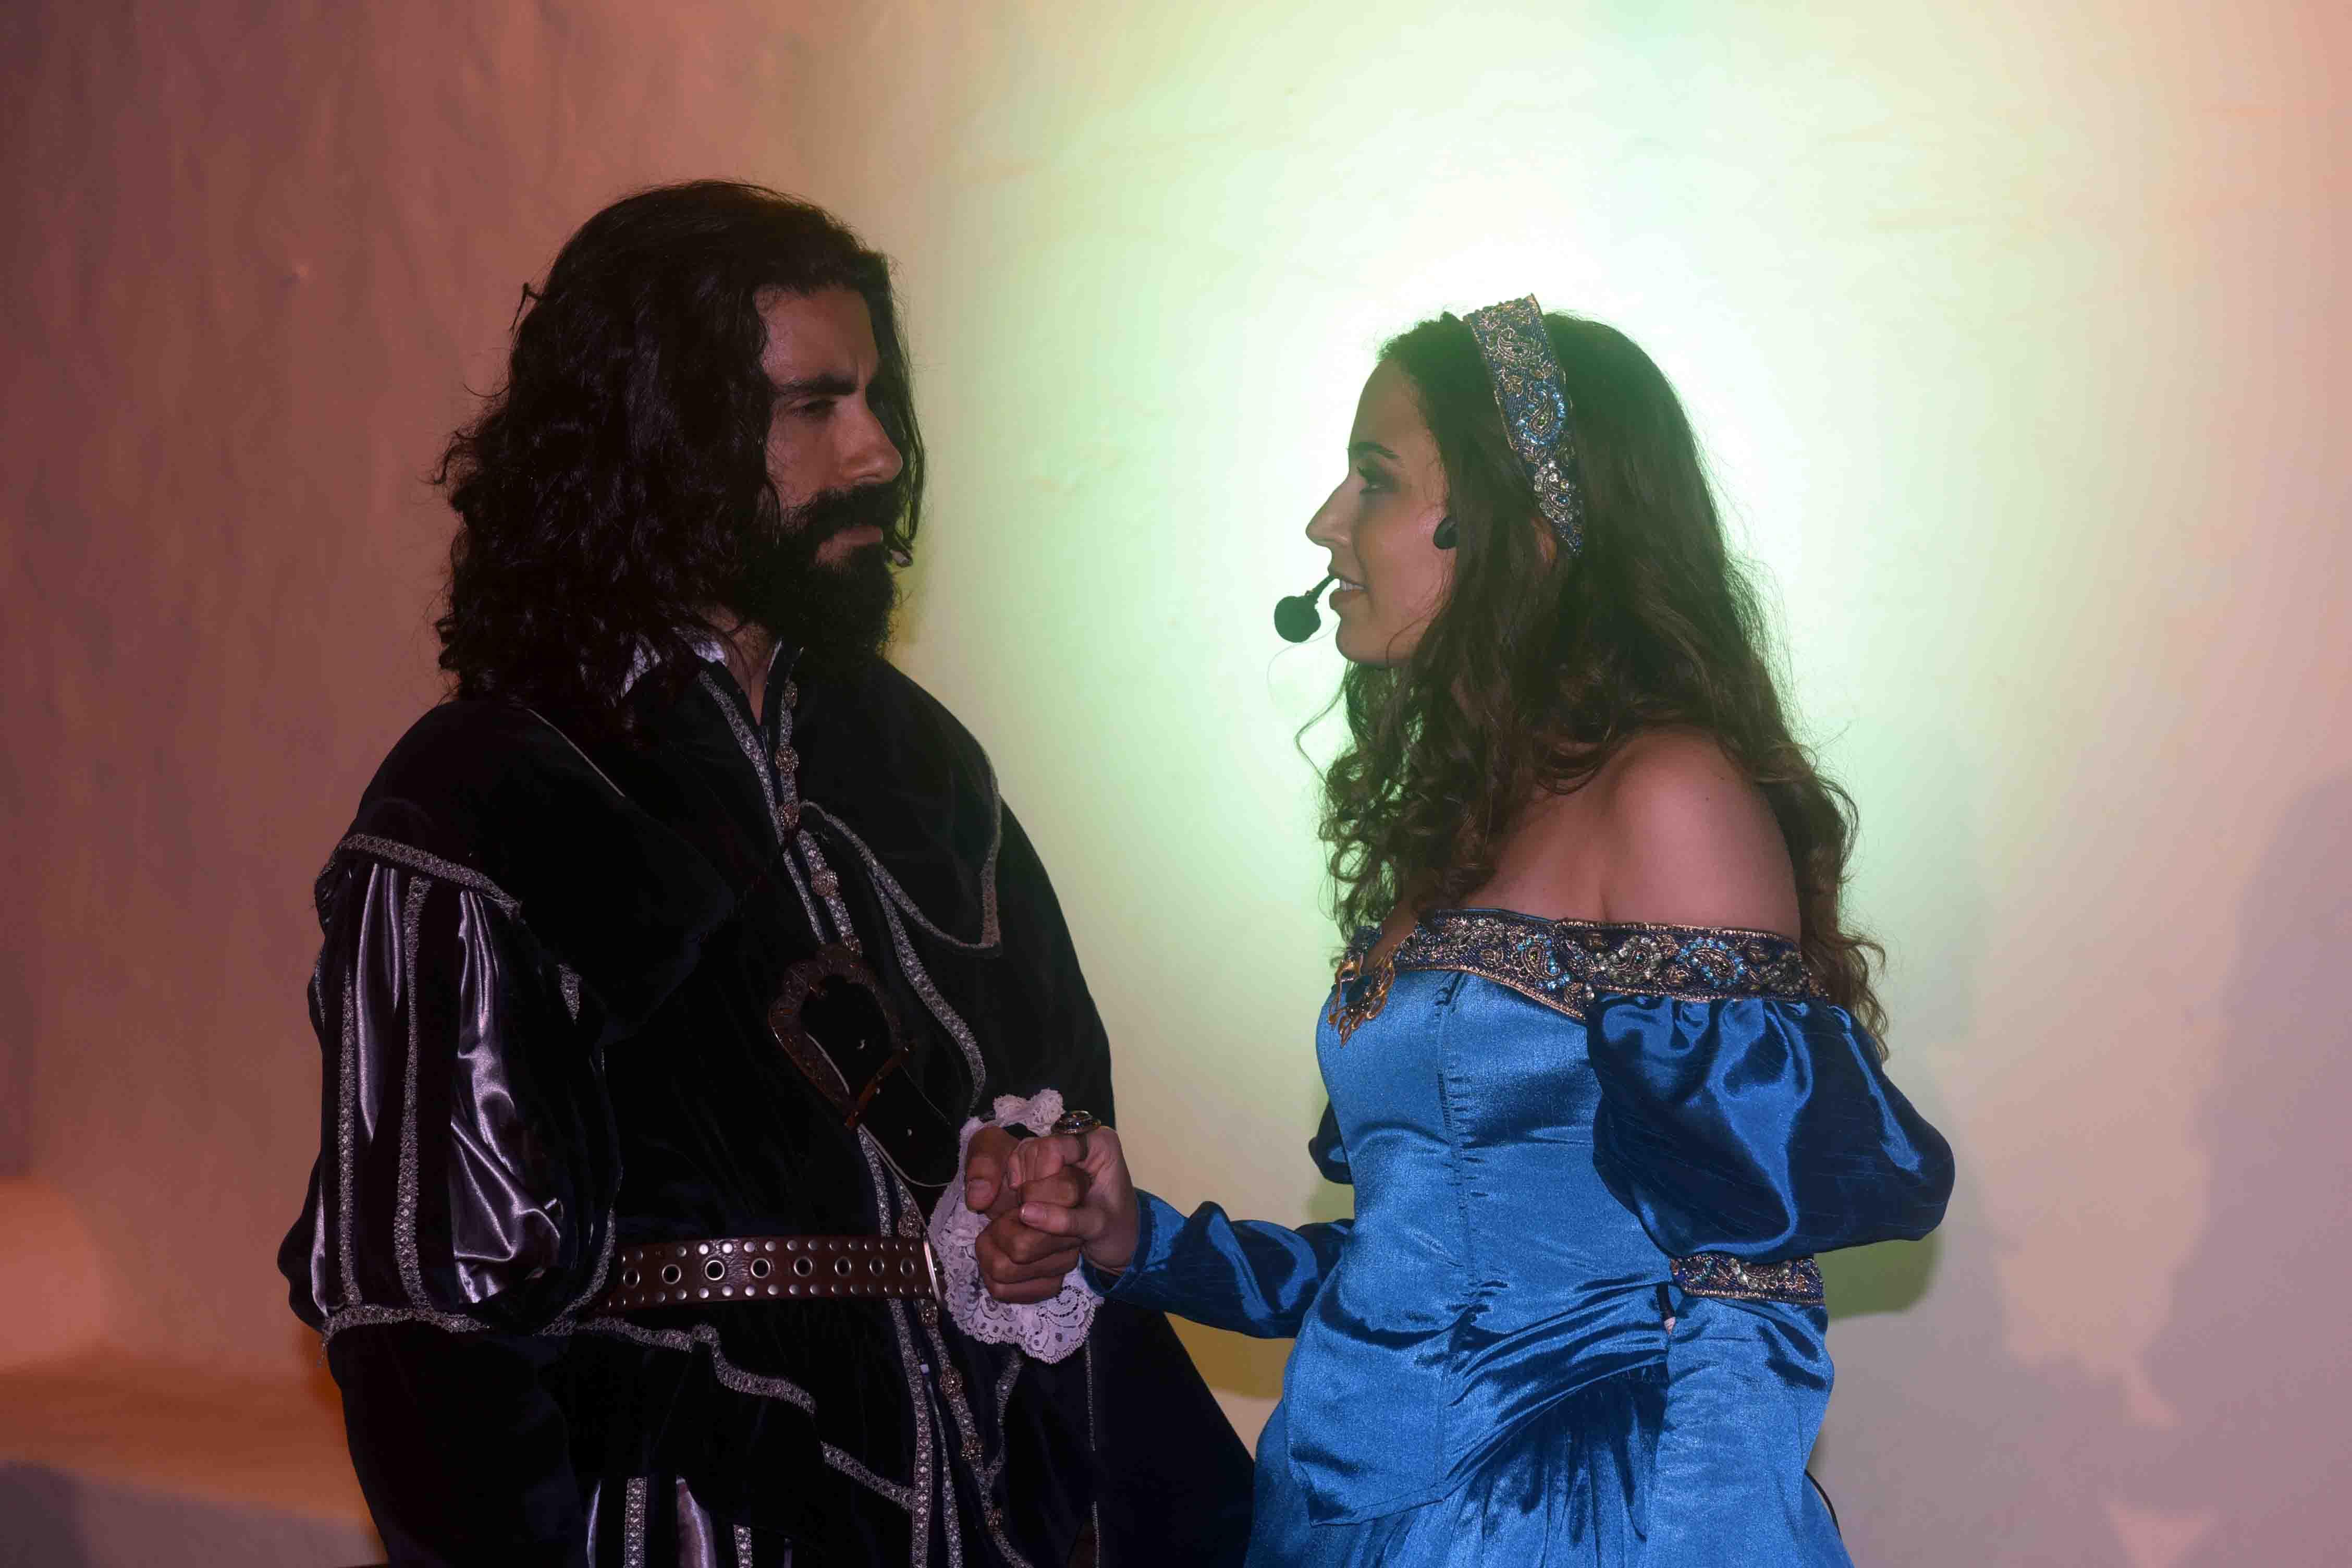 La Casa Ajei acogió cuatro escenas de 'Don Juan Tenorio' representadas magistralmente por 'Timaginas Teatro